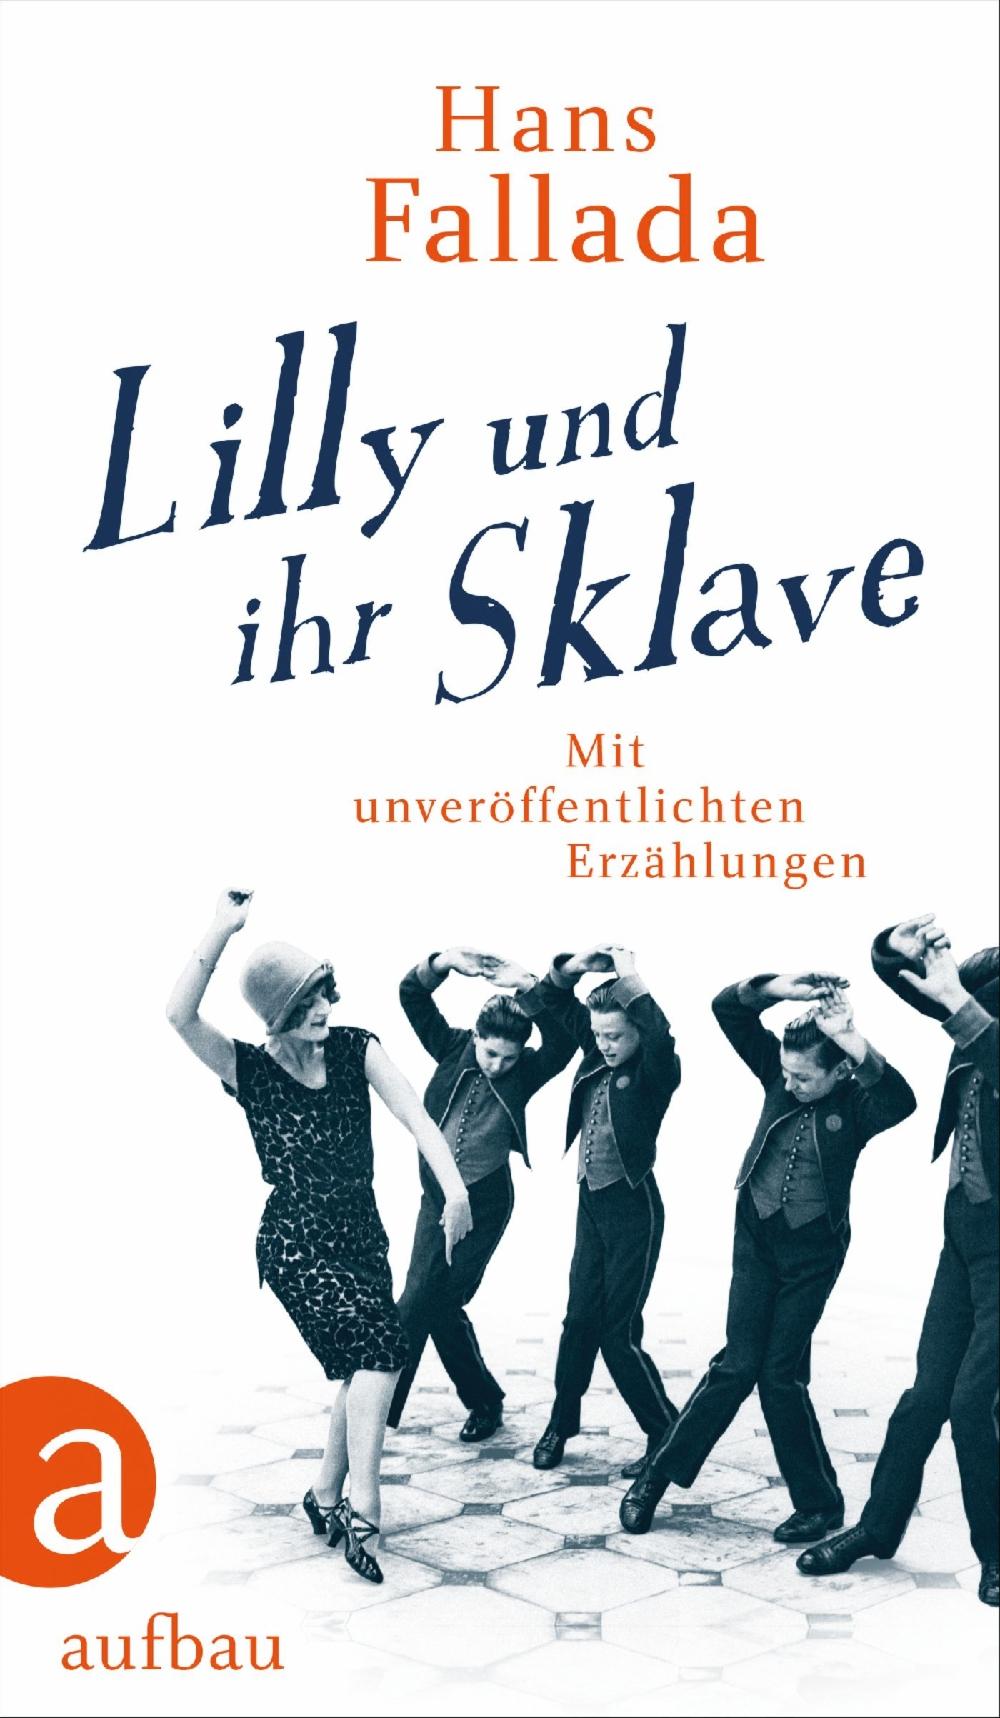 Hans Fallada, Lilly und ihr Sklave